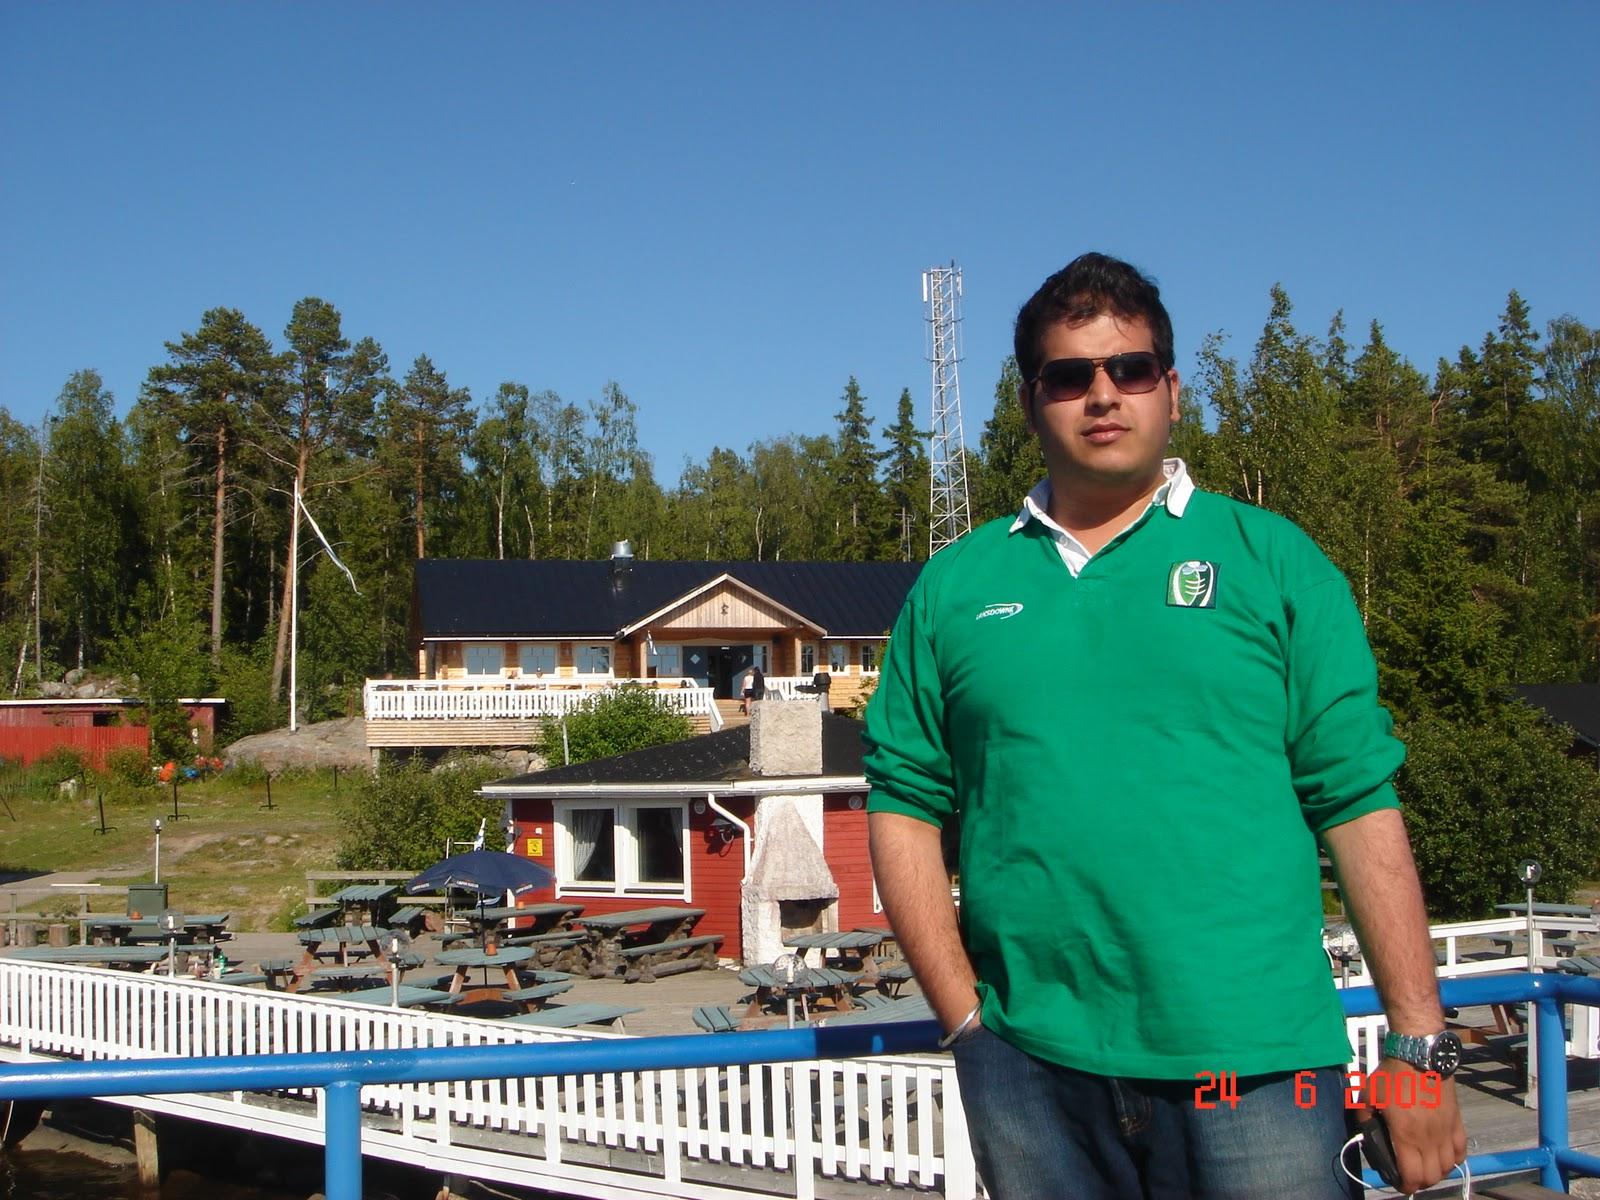 Janne's Saloon Restaurant at Kuusisaari Island,Finland